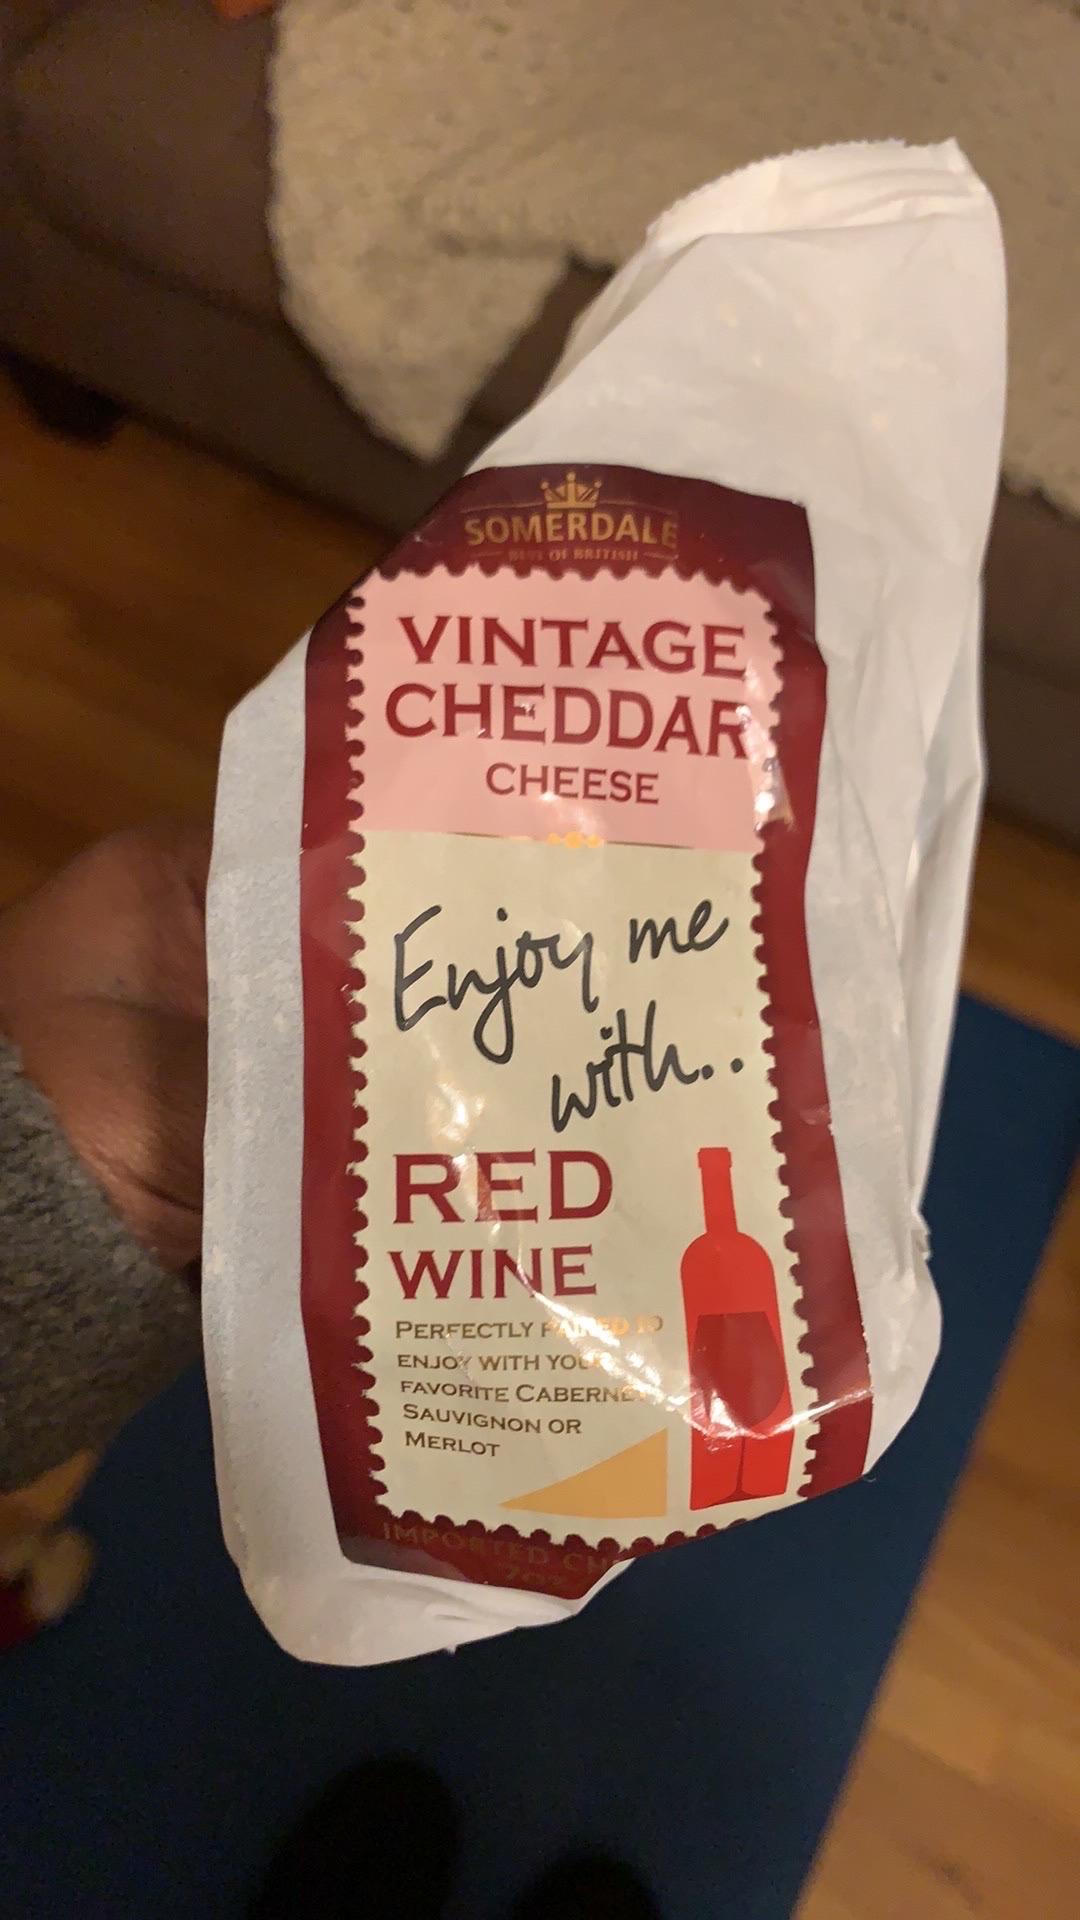 Somerdale Vintage Cheddar